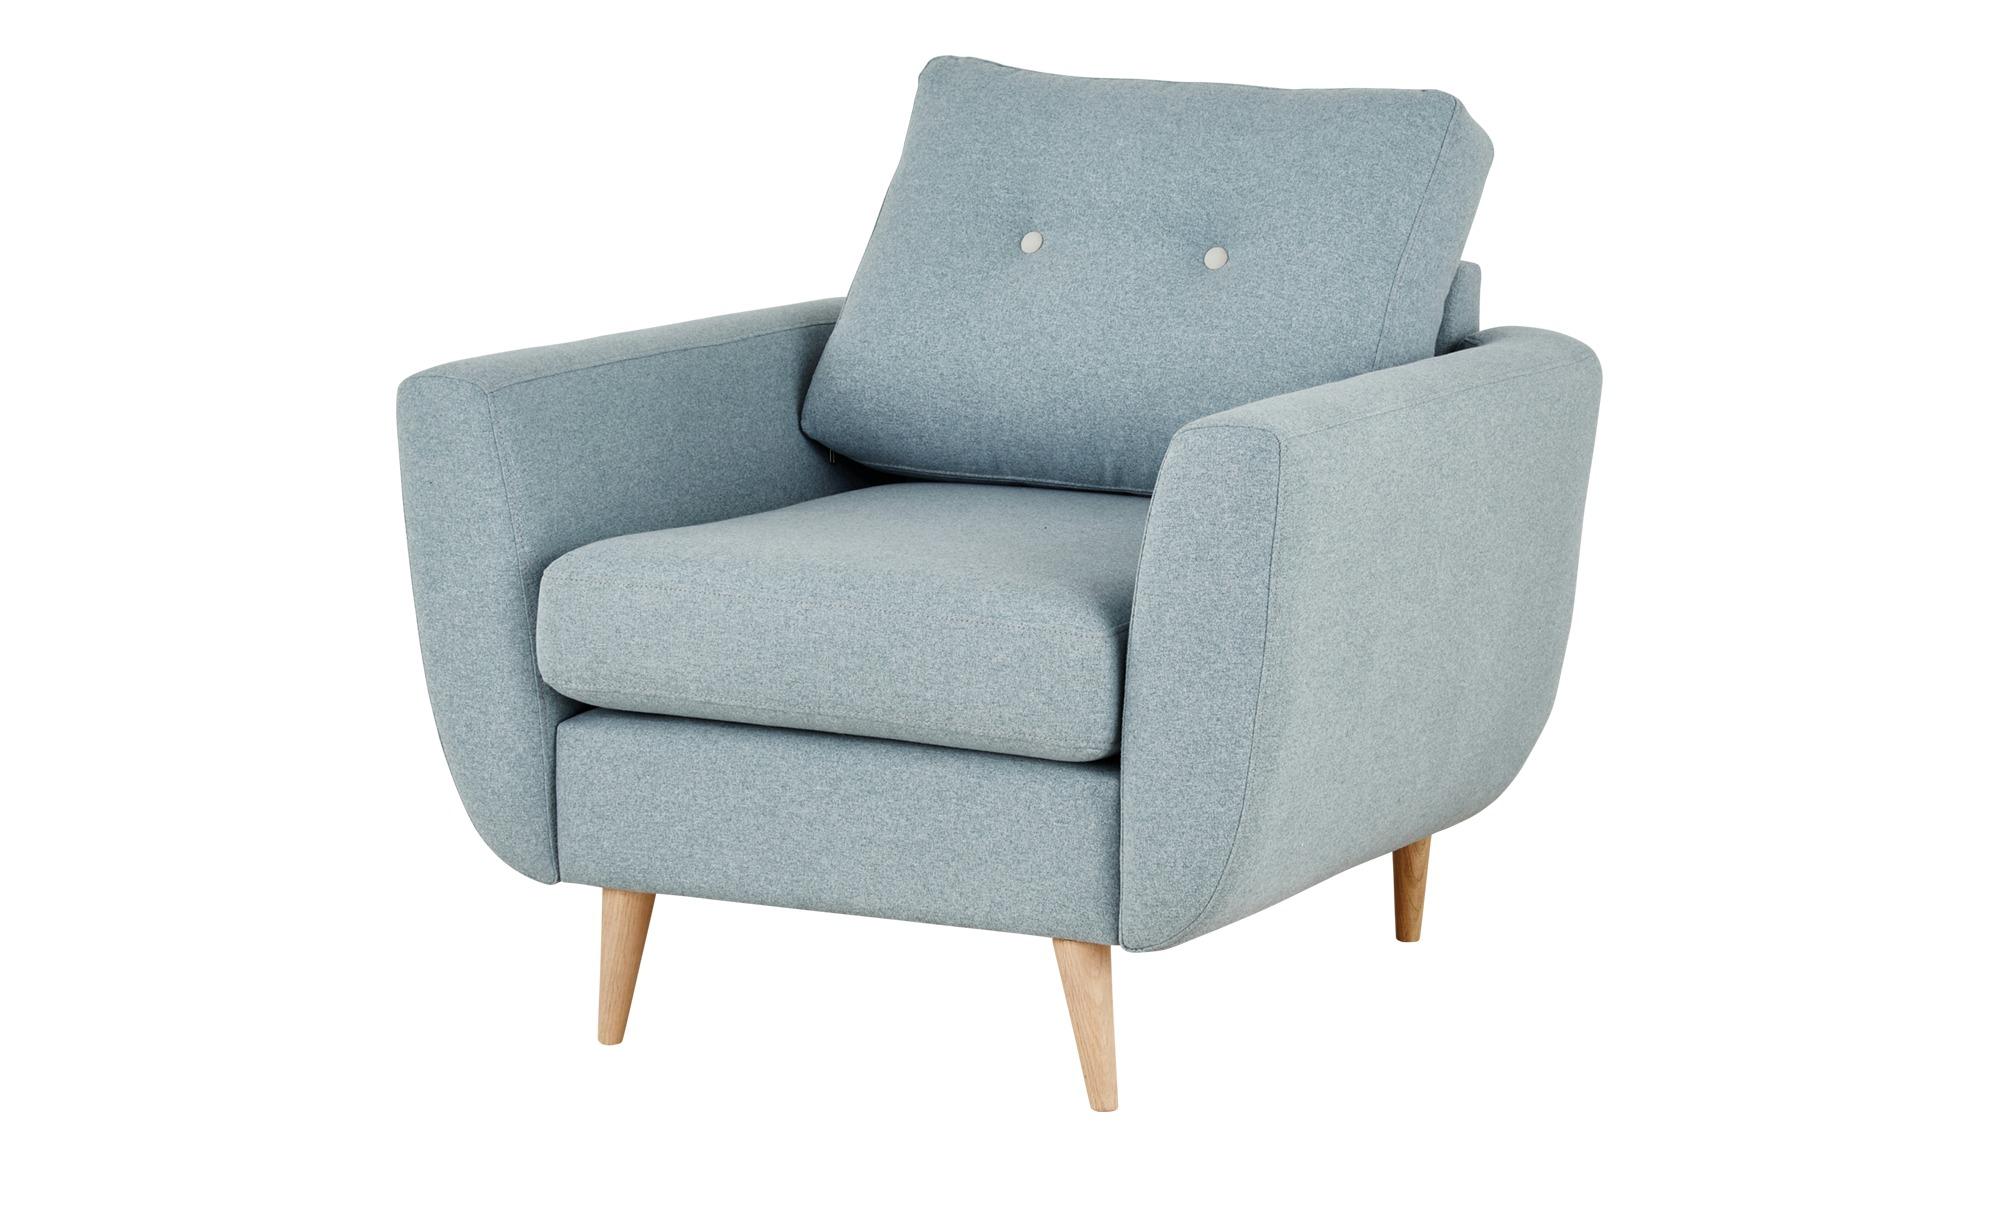 finya Retro-Sessel blau - Stoff Harris ¦ blau ¦ Maße (cm): B: 88 H: 85 T: 85 Polstermöbel > Sessel > Polstersessel - Höffner